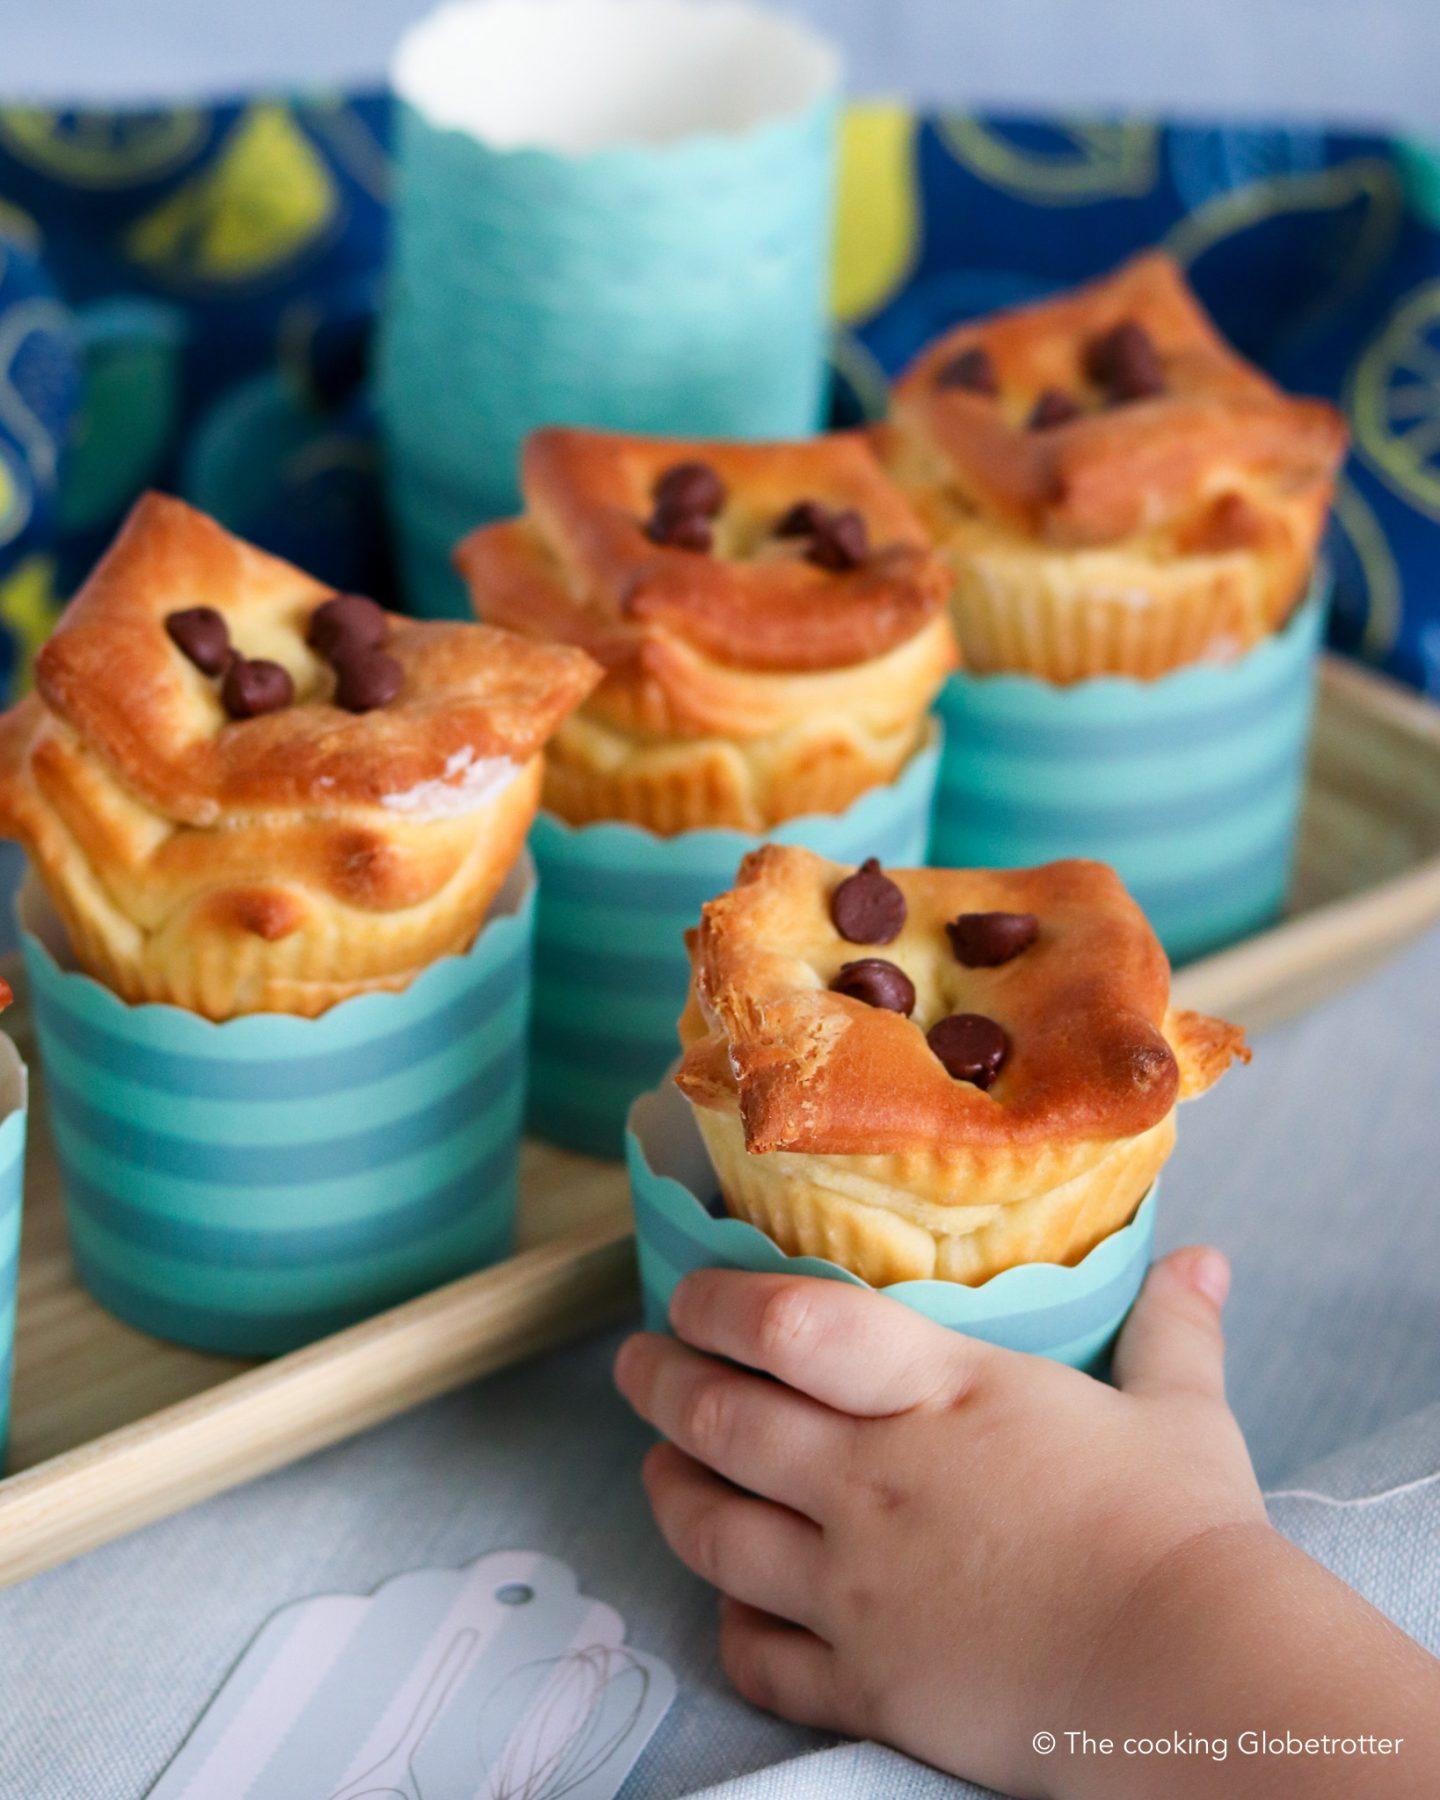 Intro Zupfbrot Muffins Zucker arm mit Schokolade, einfache Hefe Teig Muffins für Kinder und di ganze Familie, backen